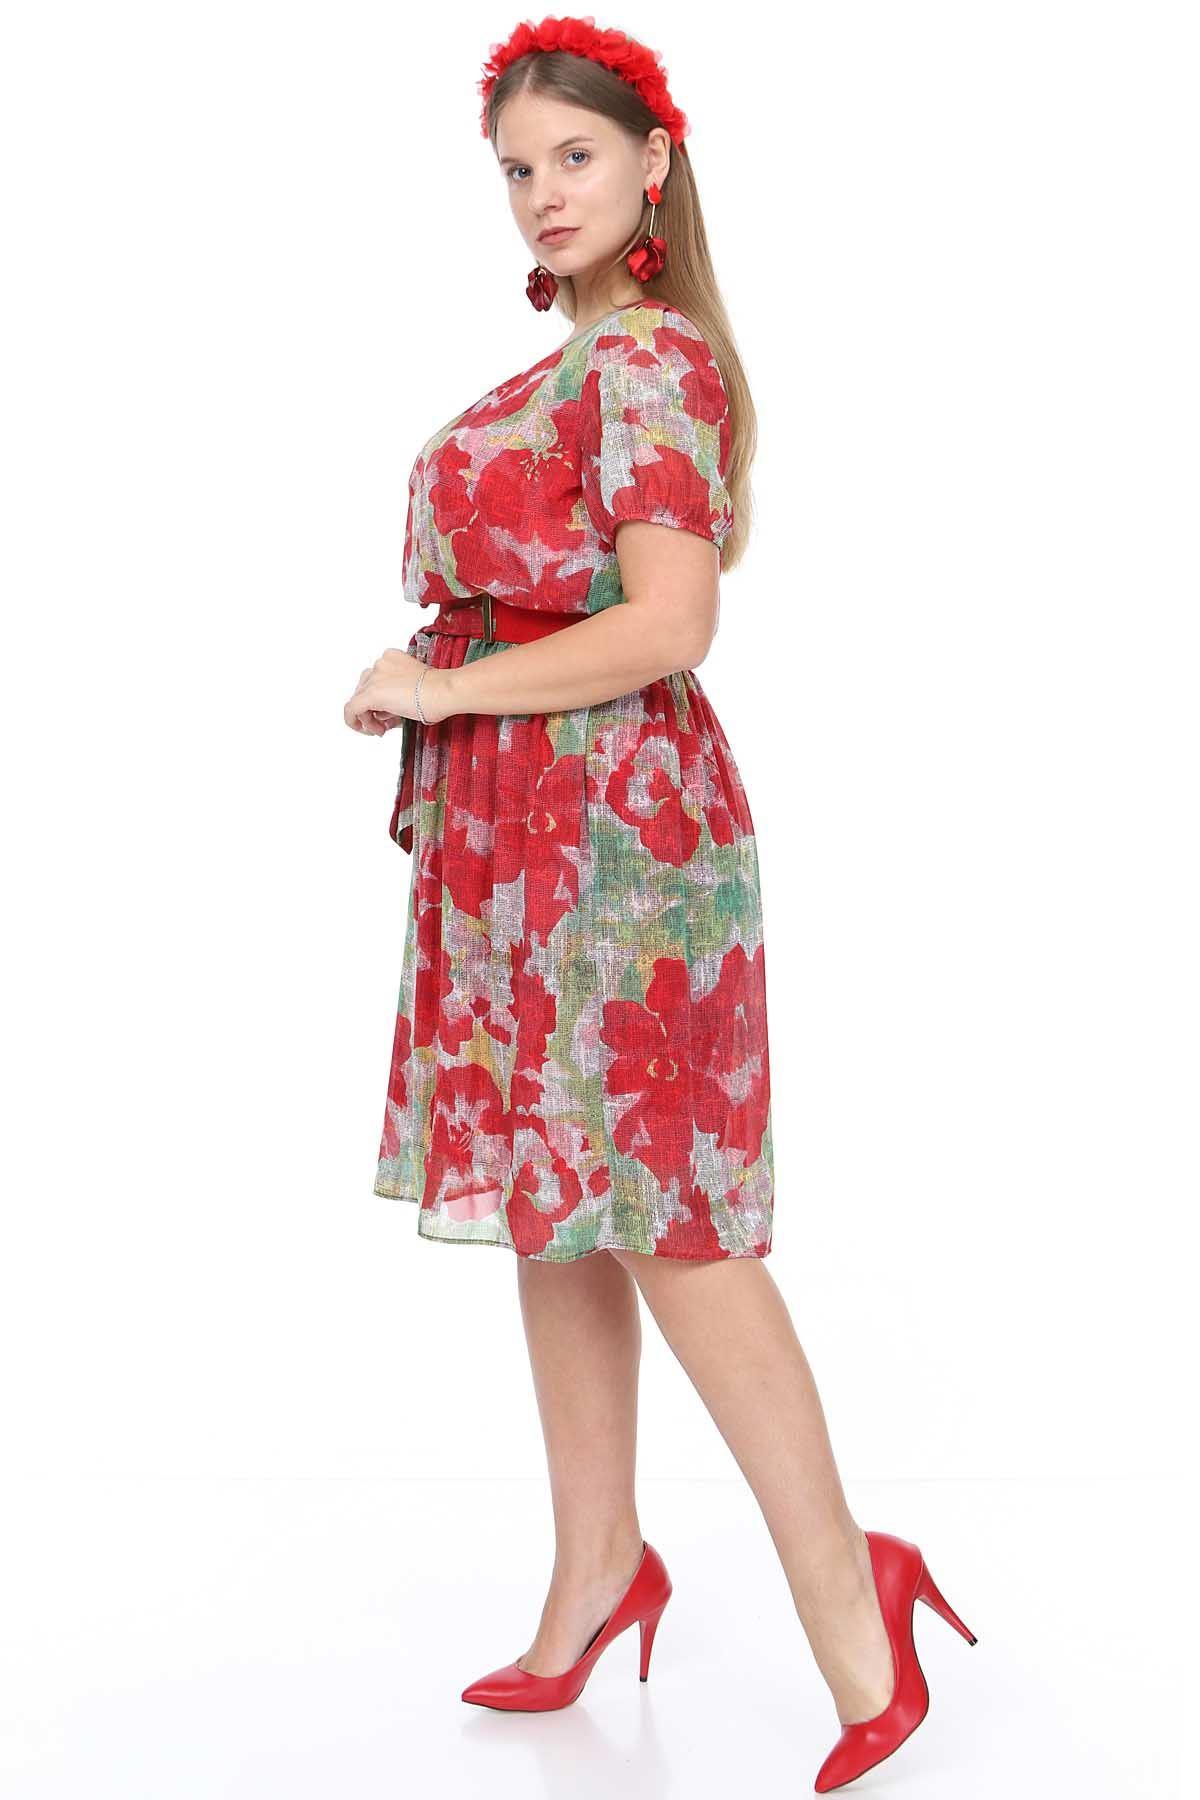 Nar Çiçeği Şifon Elbise 7C-0910